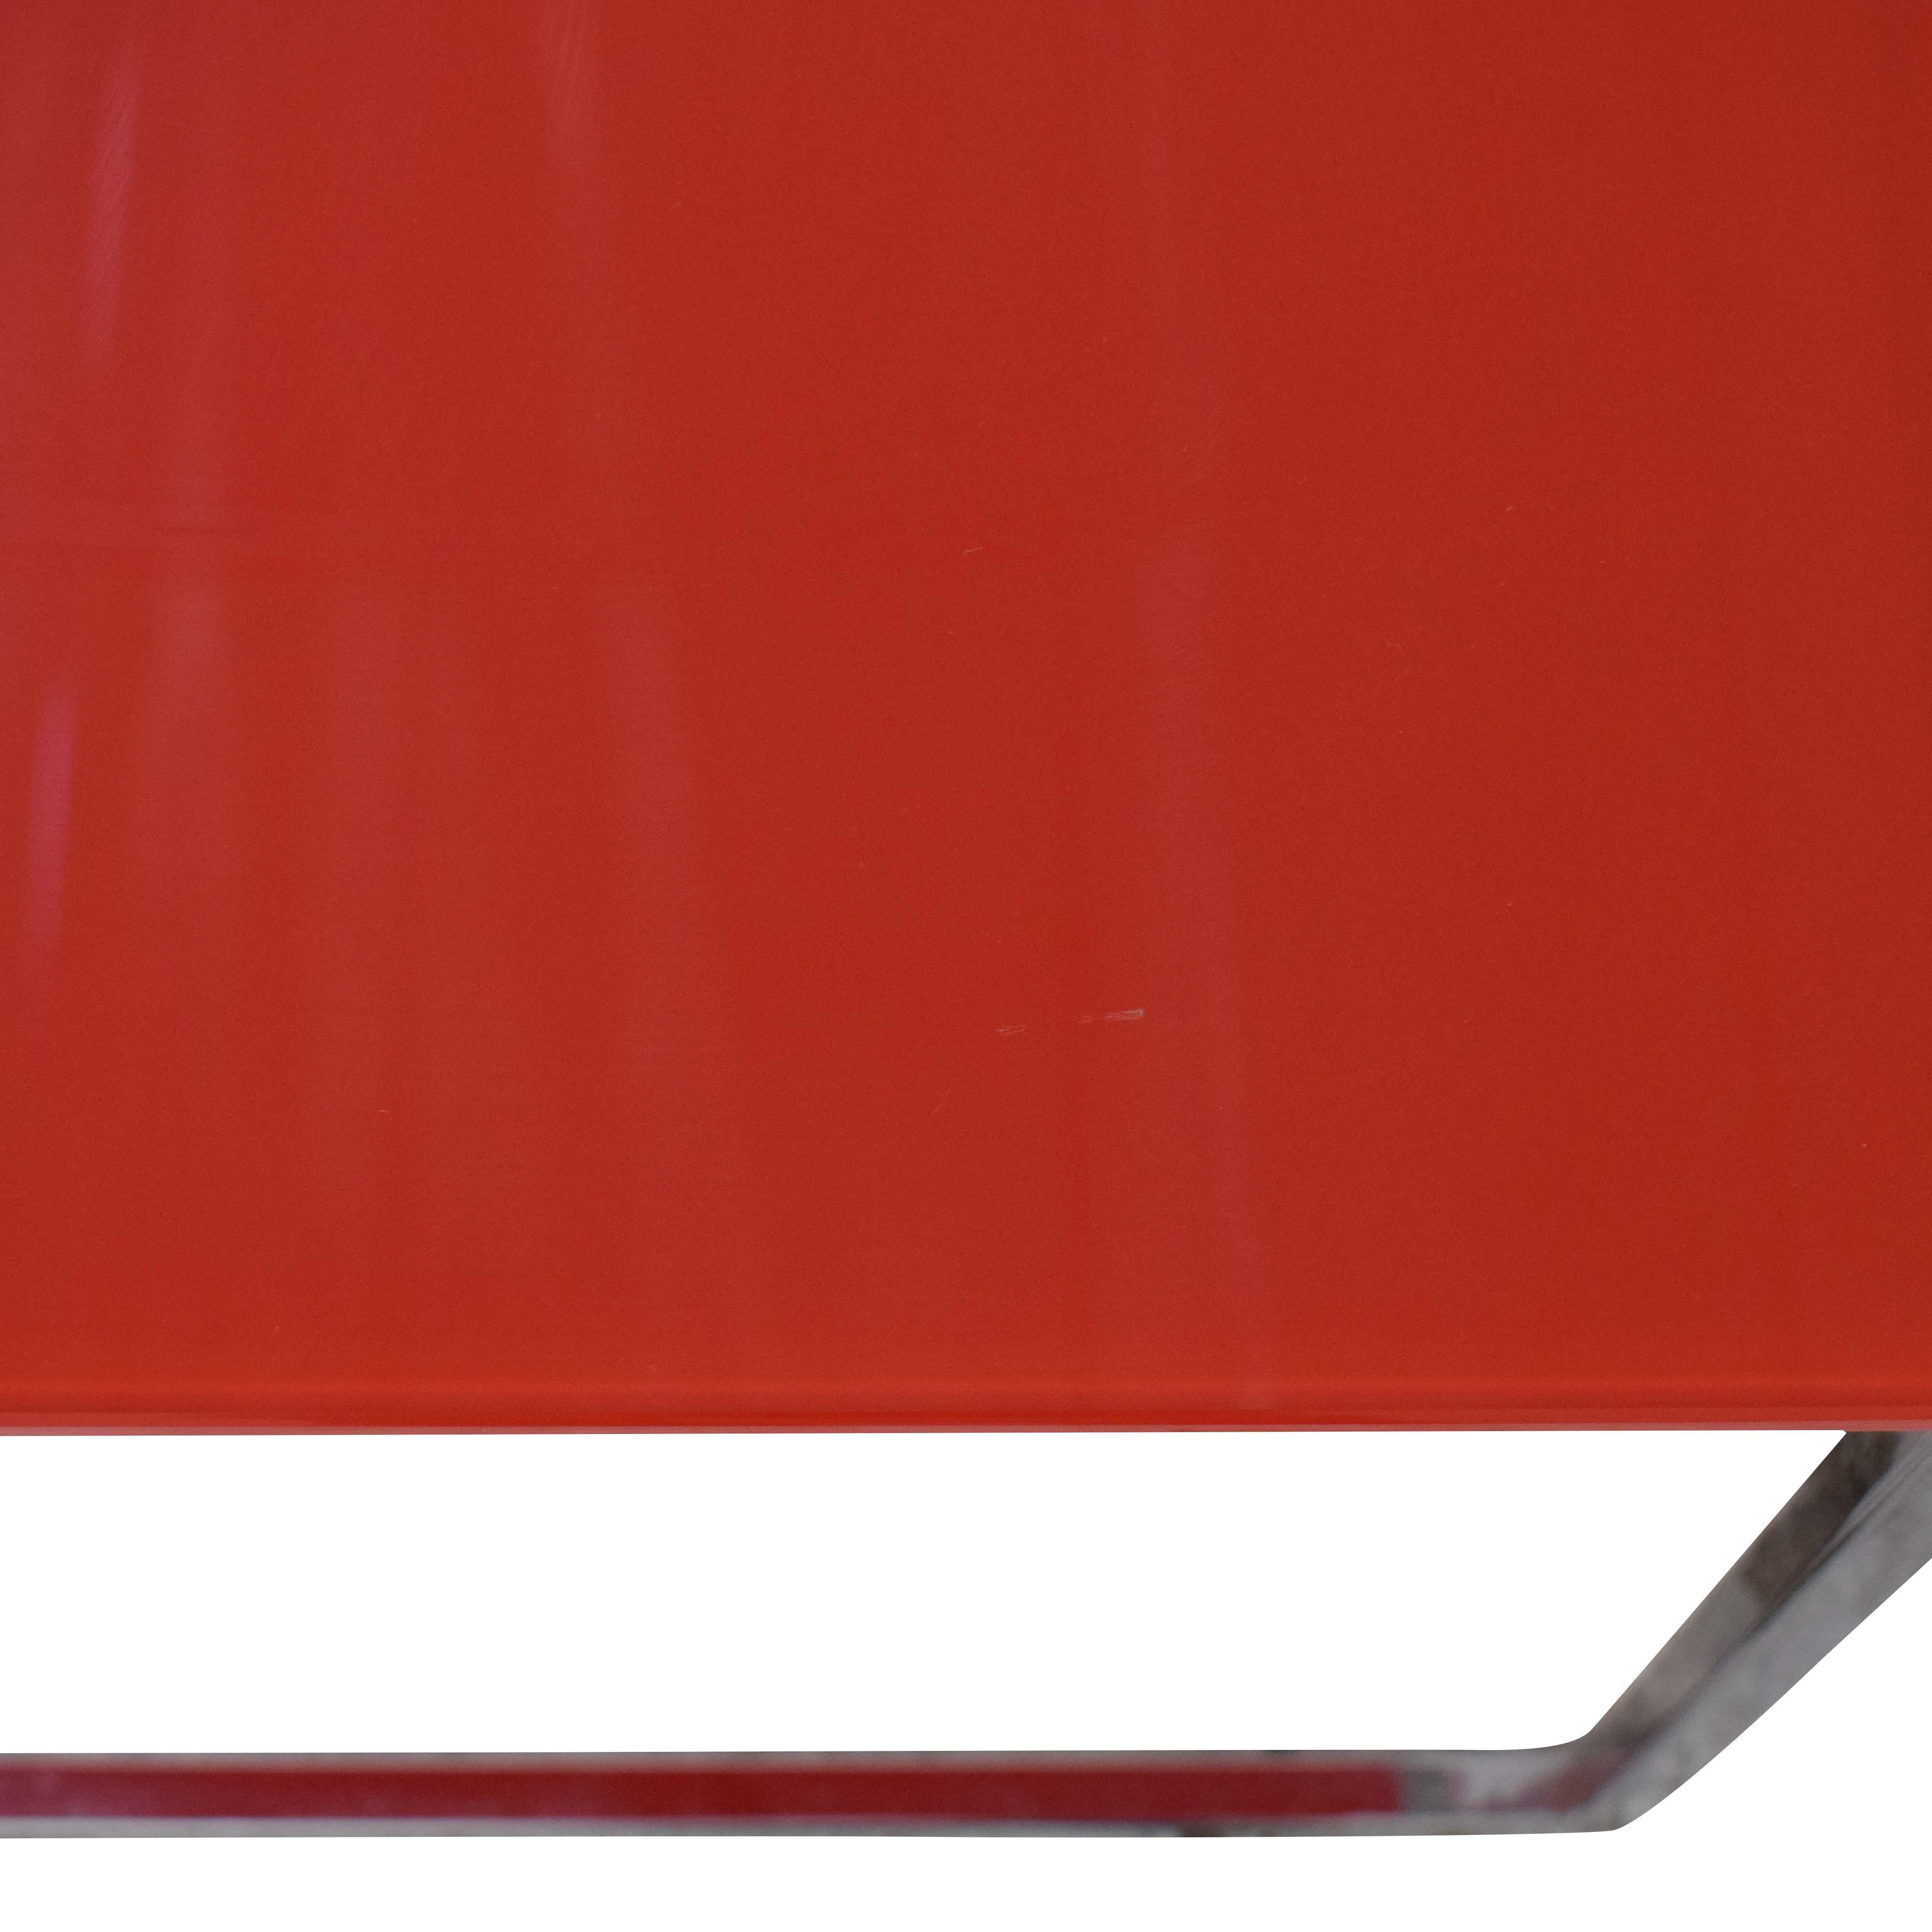 BoConcept BoConcept End Table Tables